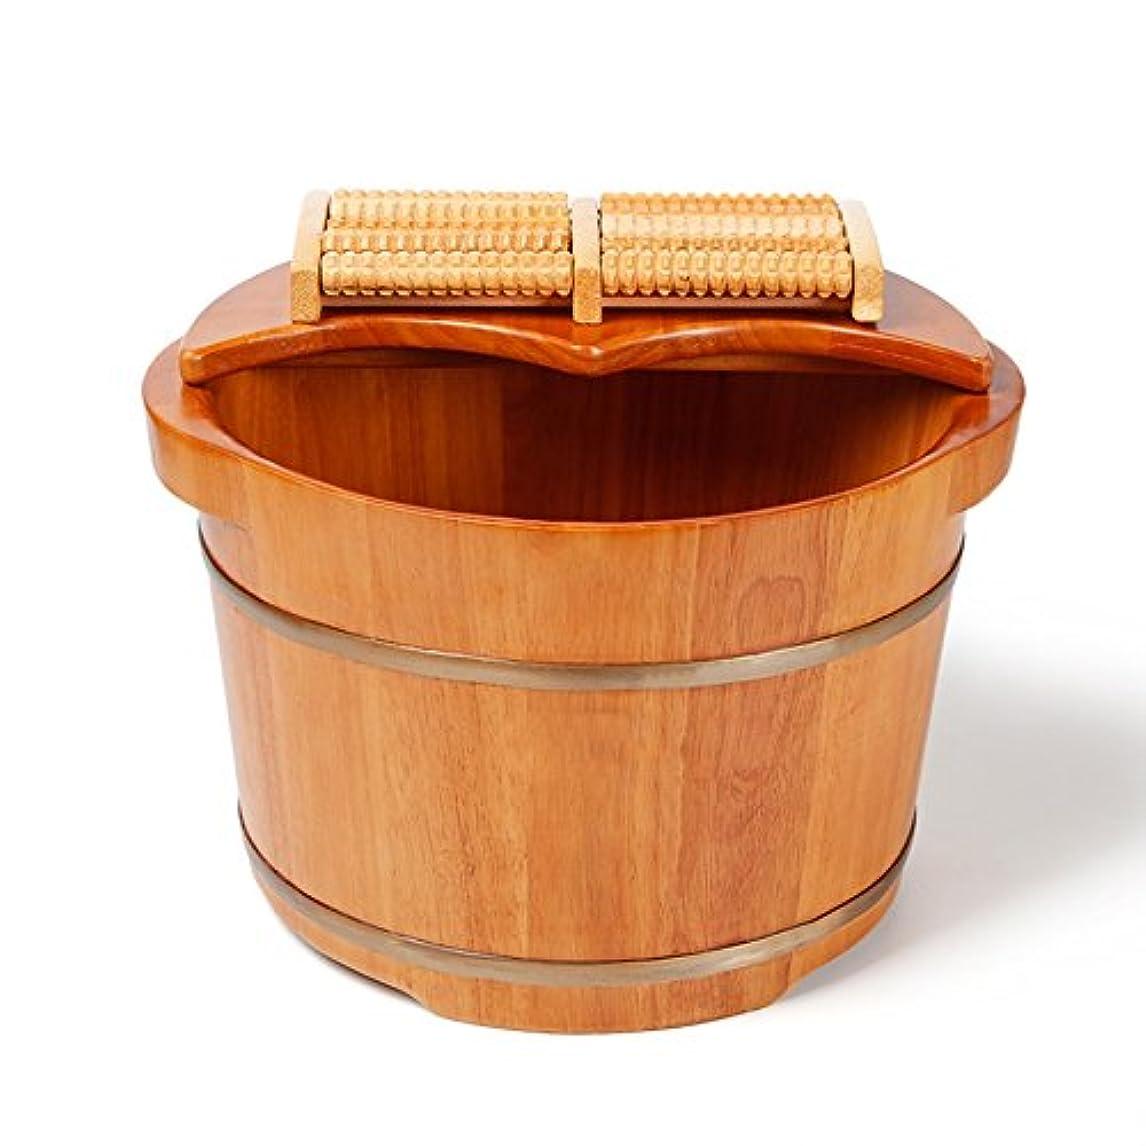 宿命バーガー読者C&L 足の浴槽、木製の足の洗面器足のバレルの足のマッサージの足の洗面器カバーの足の浴槽38 * 31 * 26cm ( サイズ さいず : 38*31*26cm )